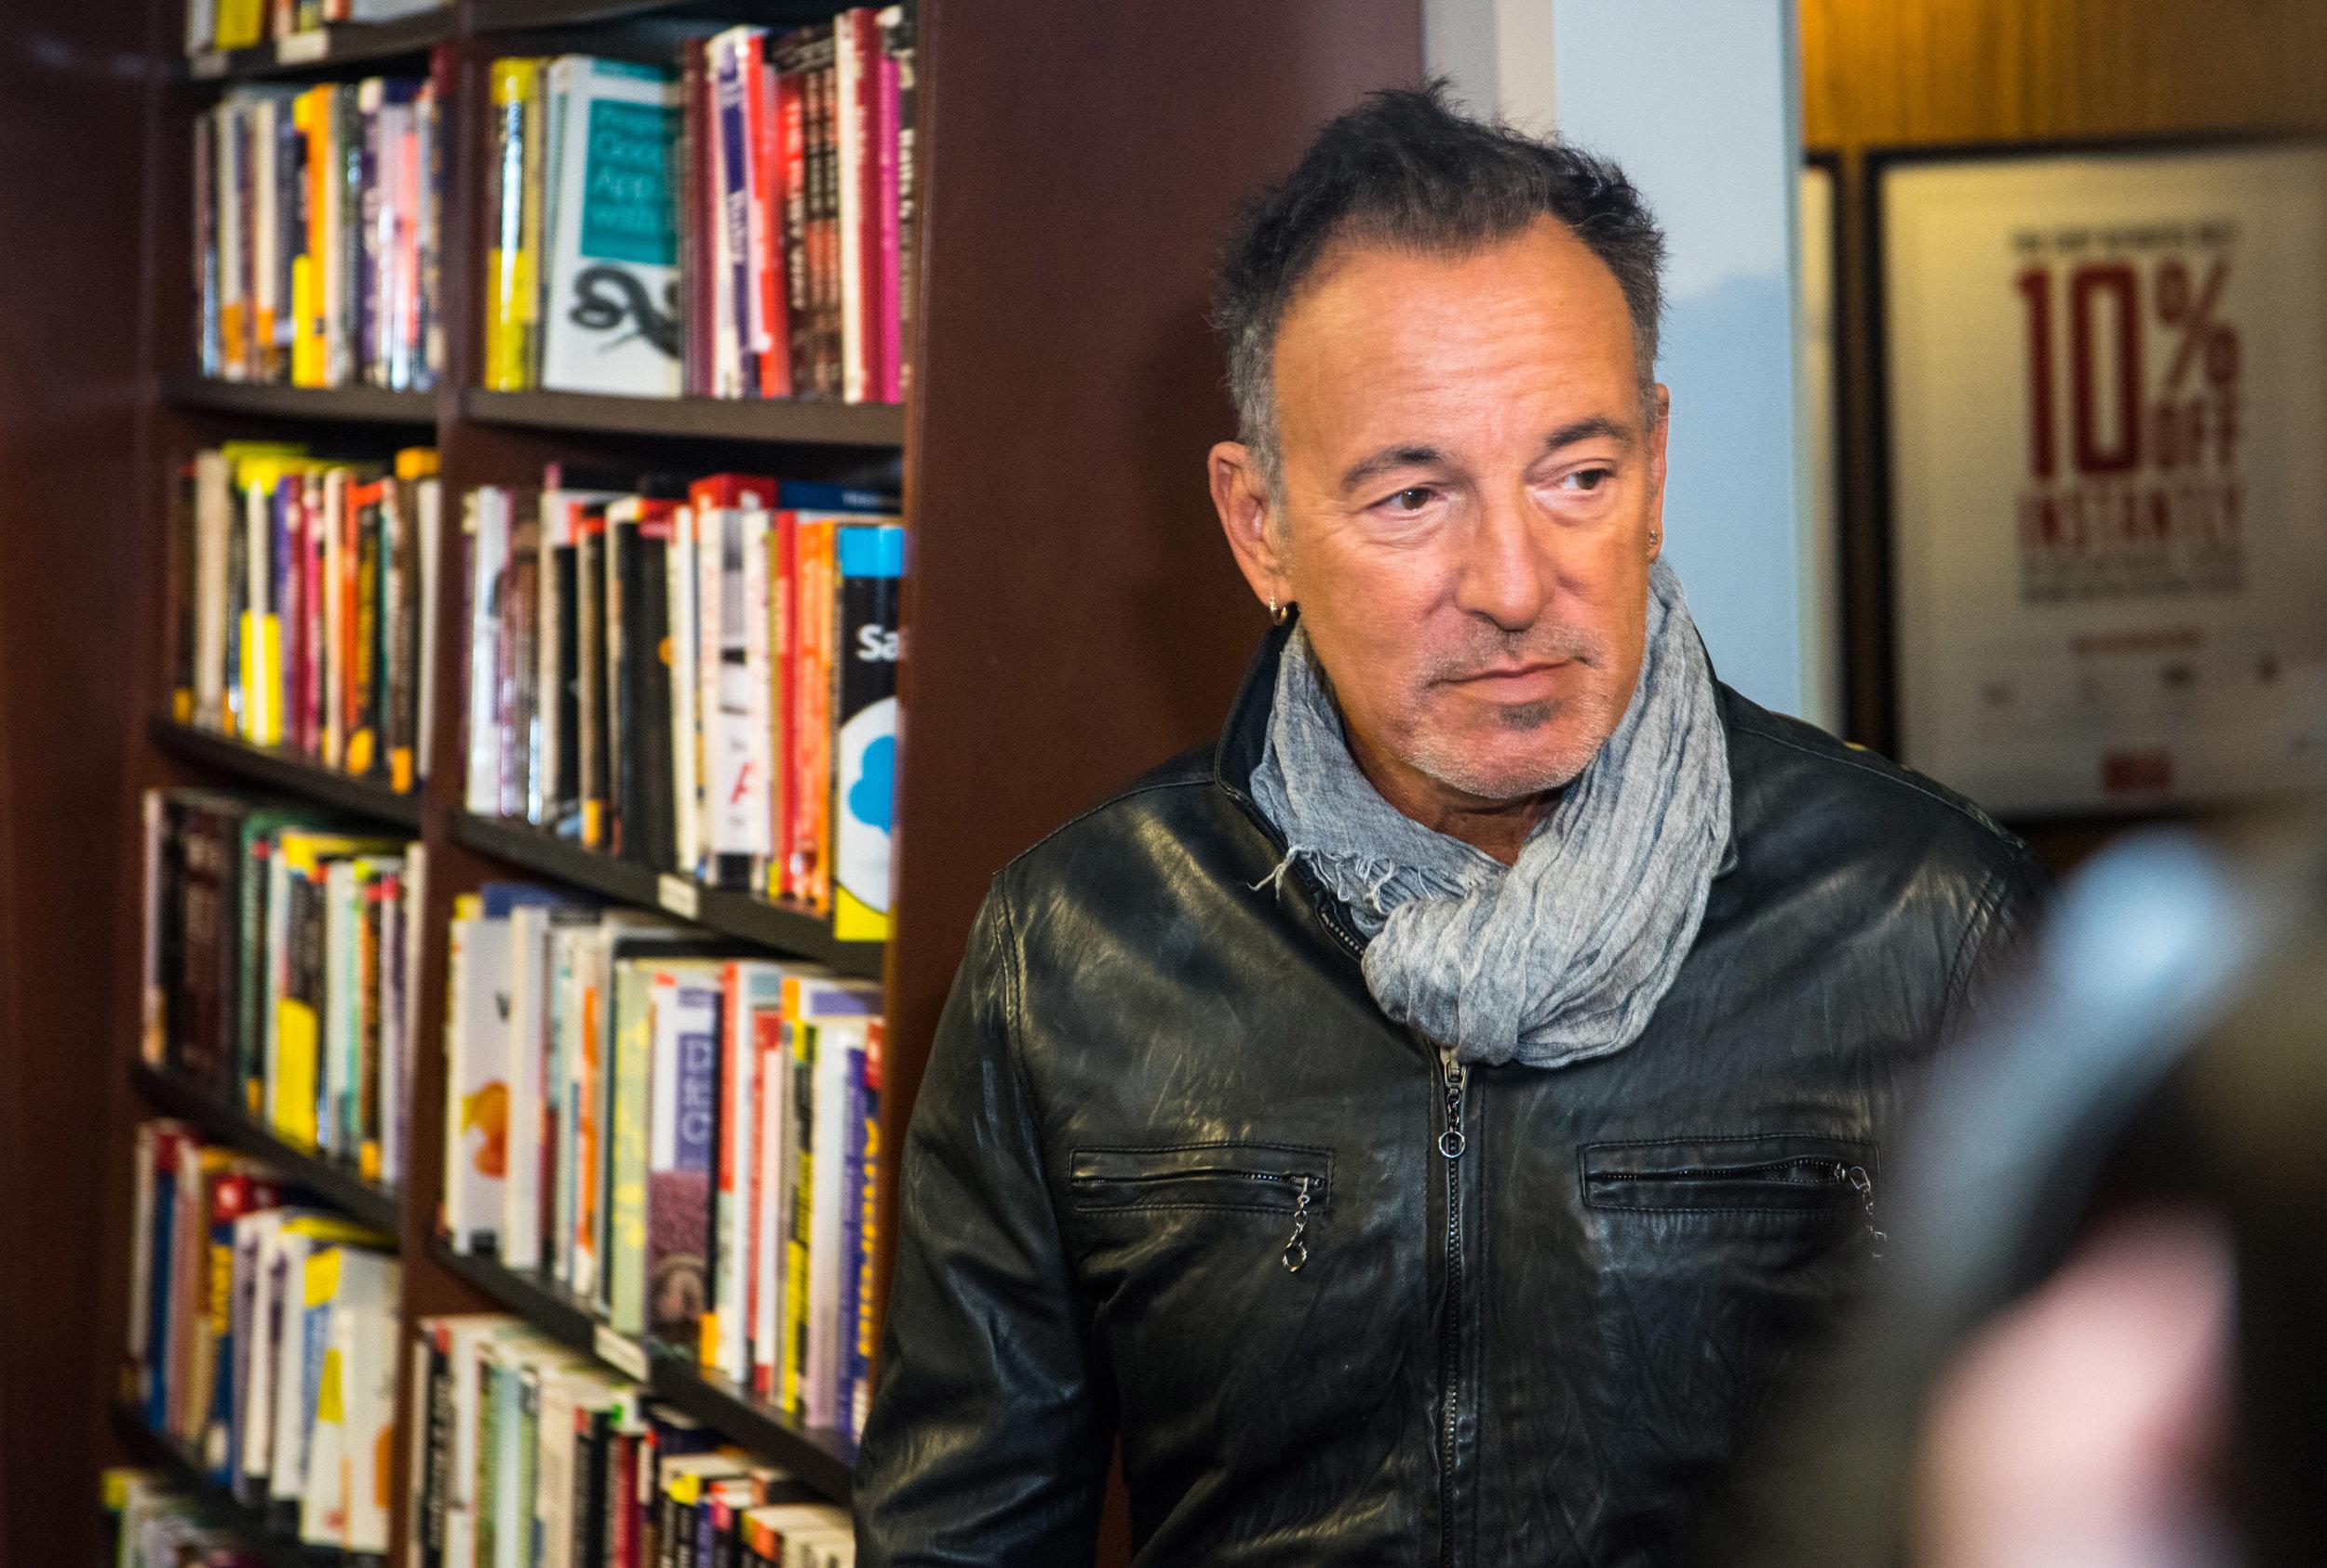 SpringsteenHarvardCoop_9952a.jpg